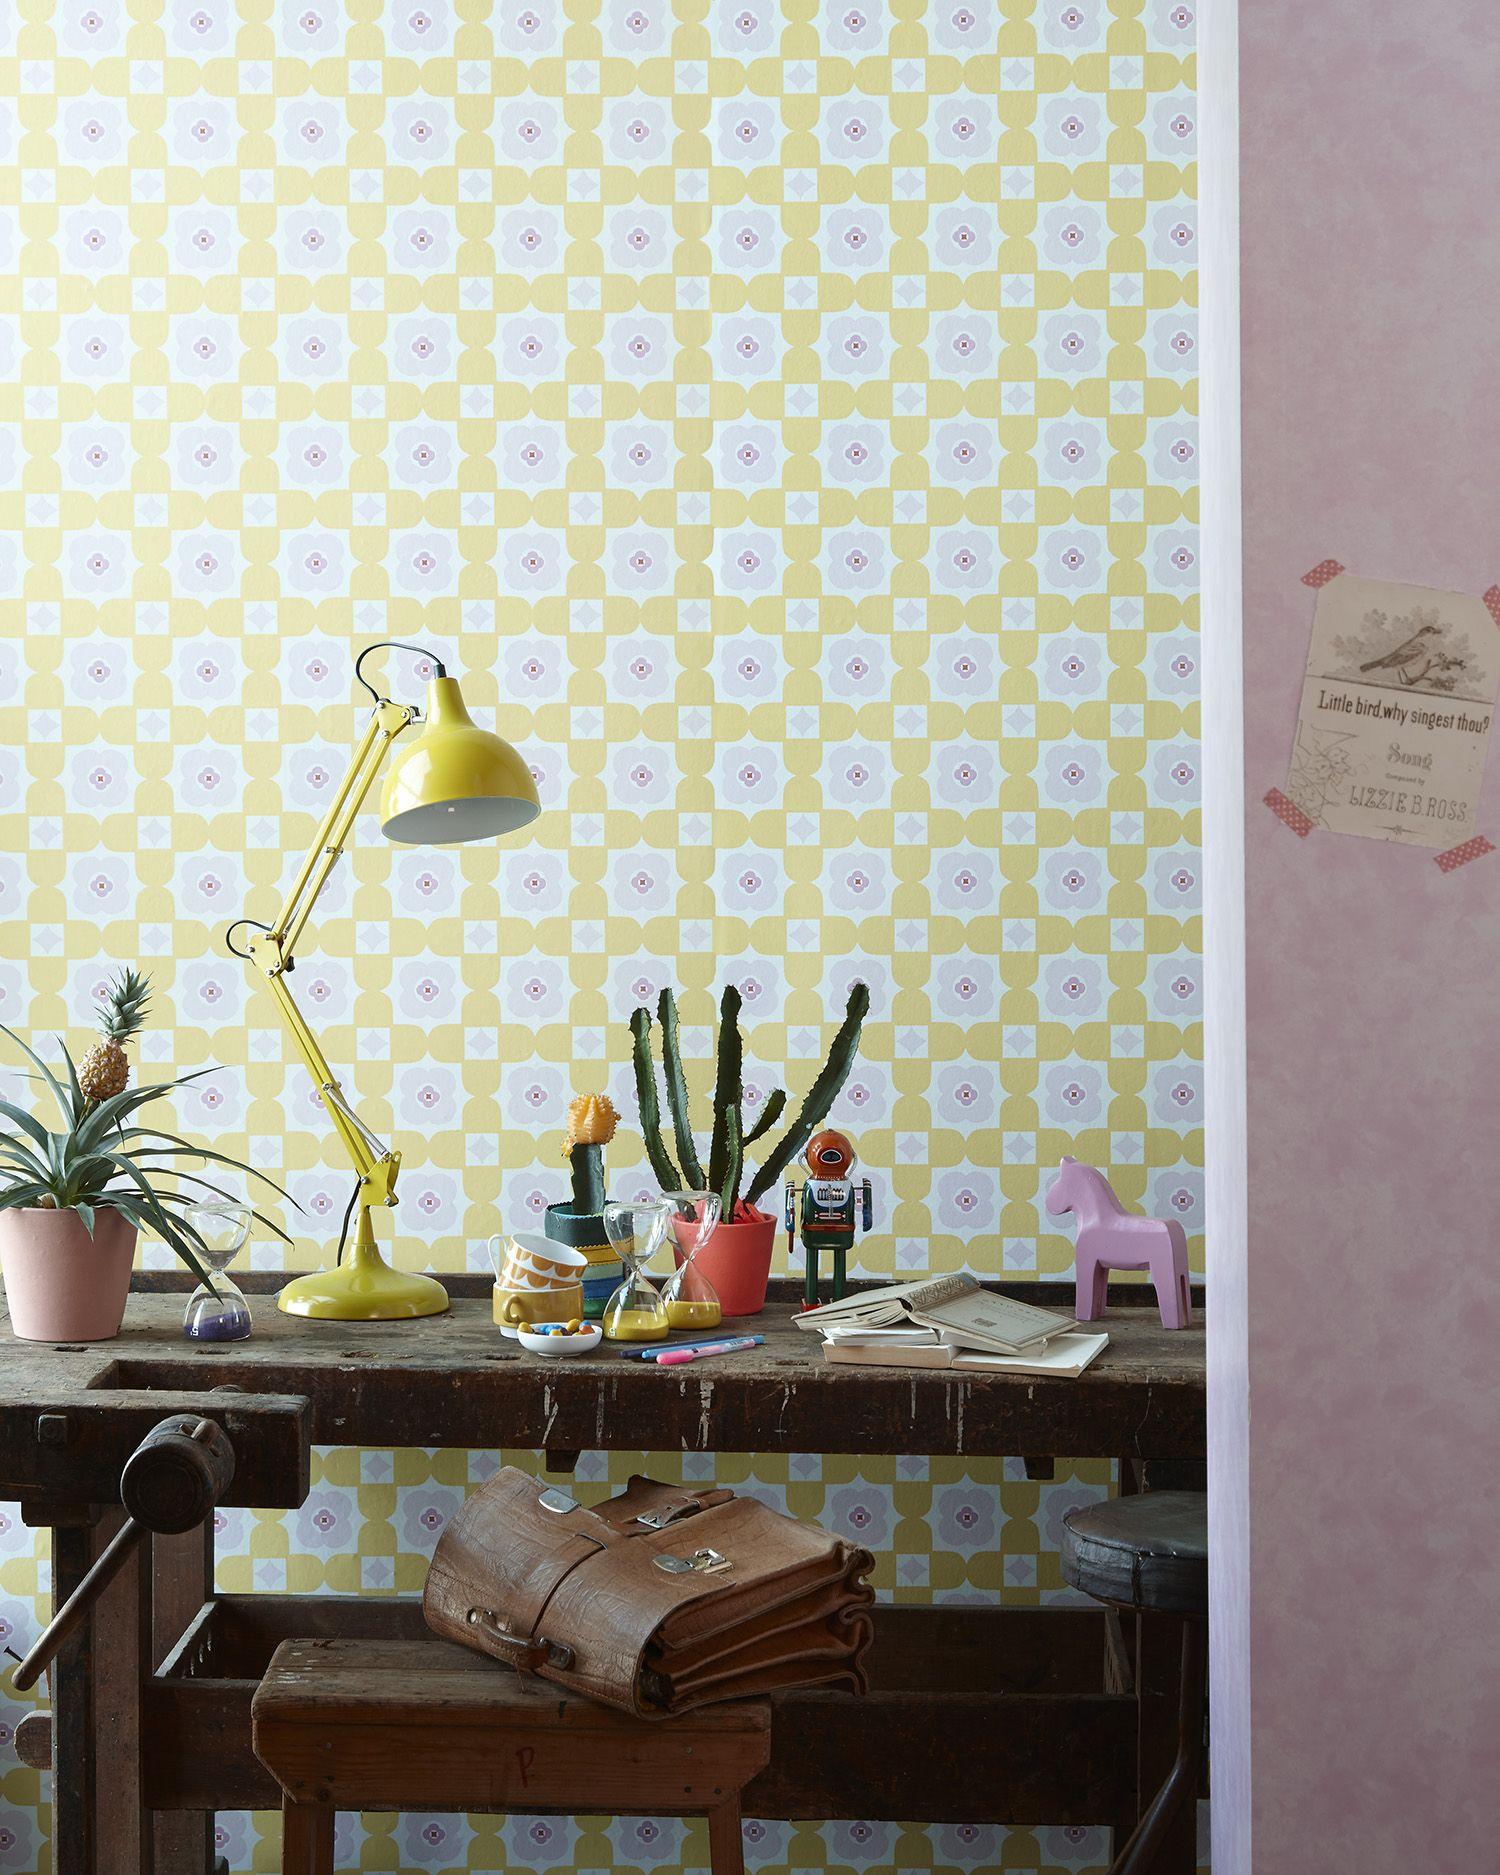 Retro Behangpapier Kinderkamer.Cozz Smile Collection Wallpaper Retro Floral Yellow